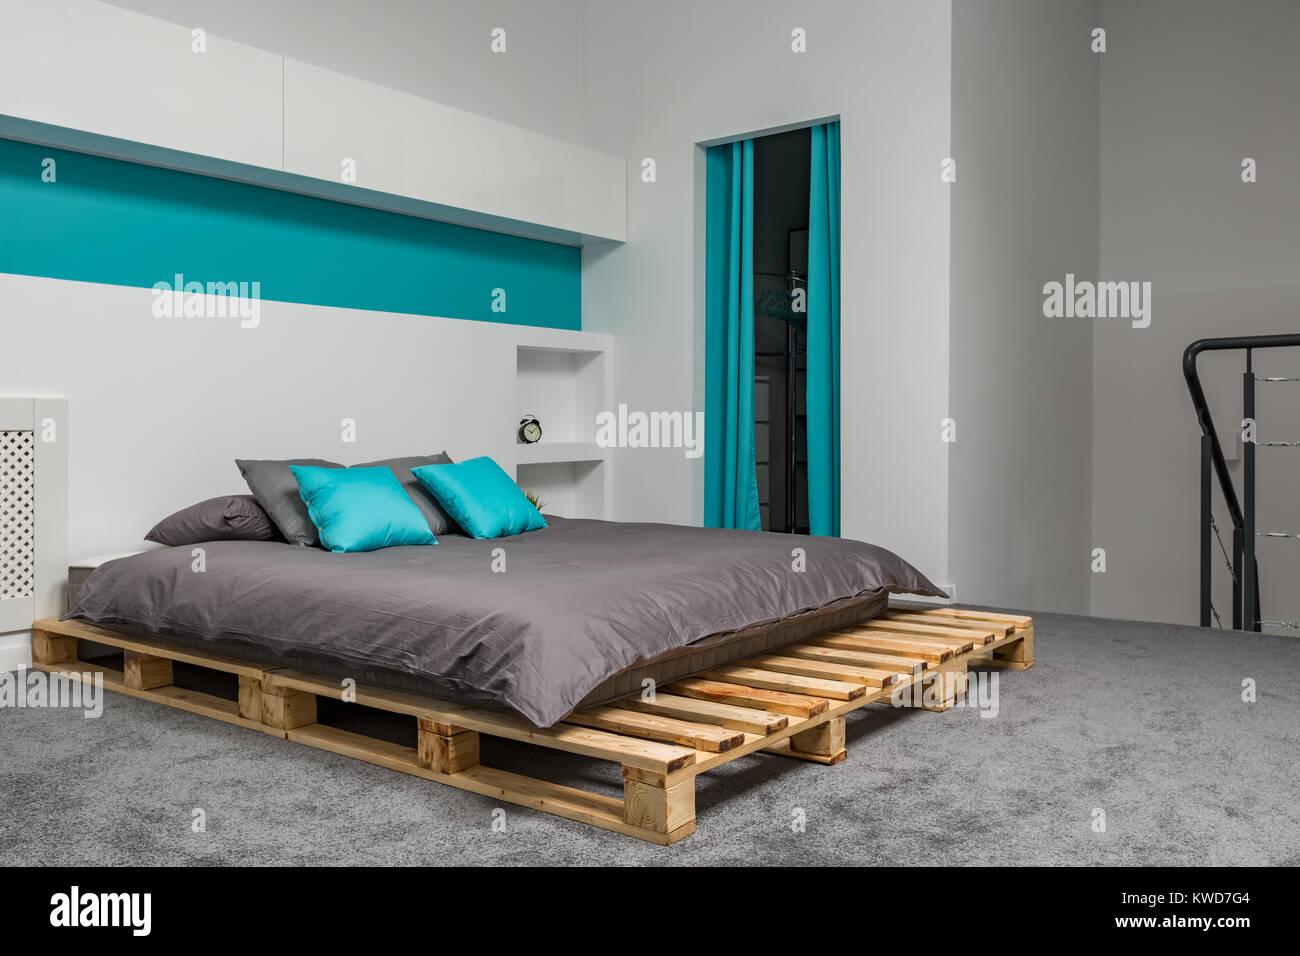 Schlafzimmer Mit Doppelbett Und Großen Palette Türkis Details